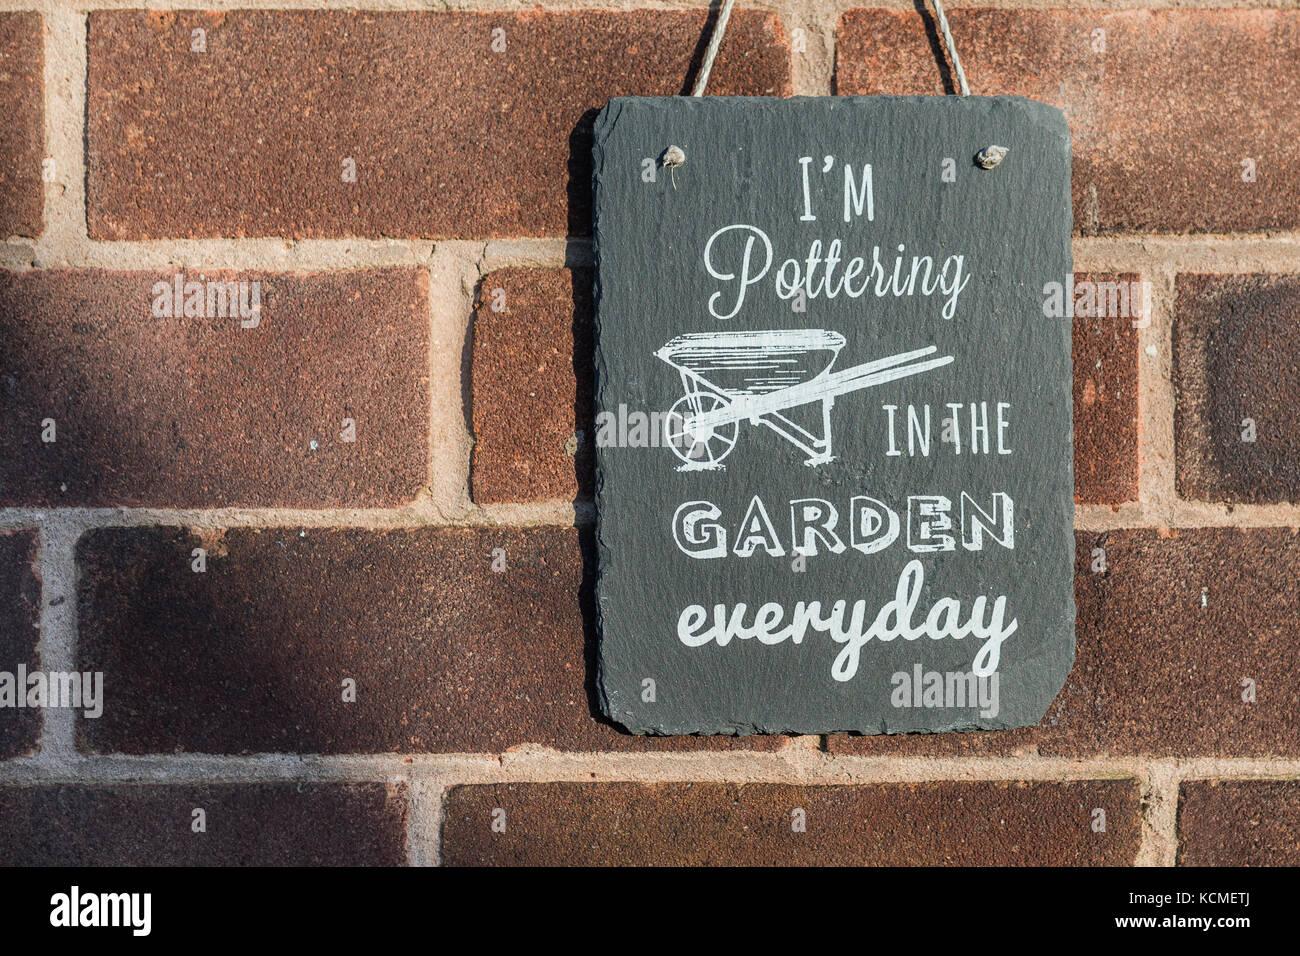 Sto pottering in giardino ogni giorno il giardino di ardesia segno appeso contro un muro di mattoni Immagini Stock